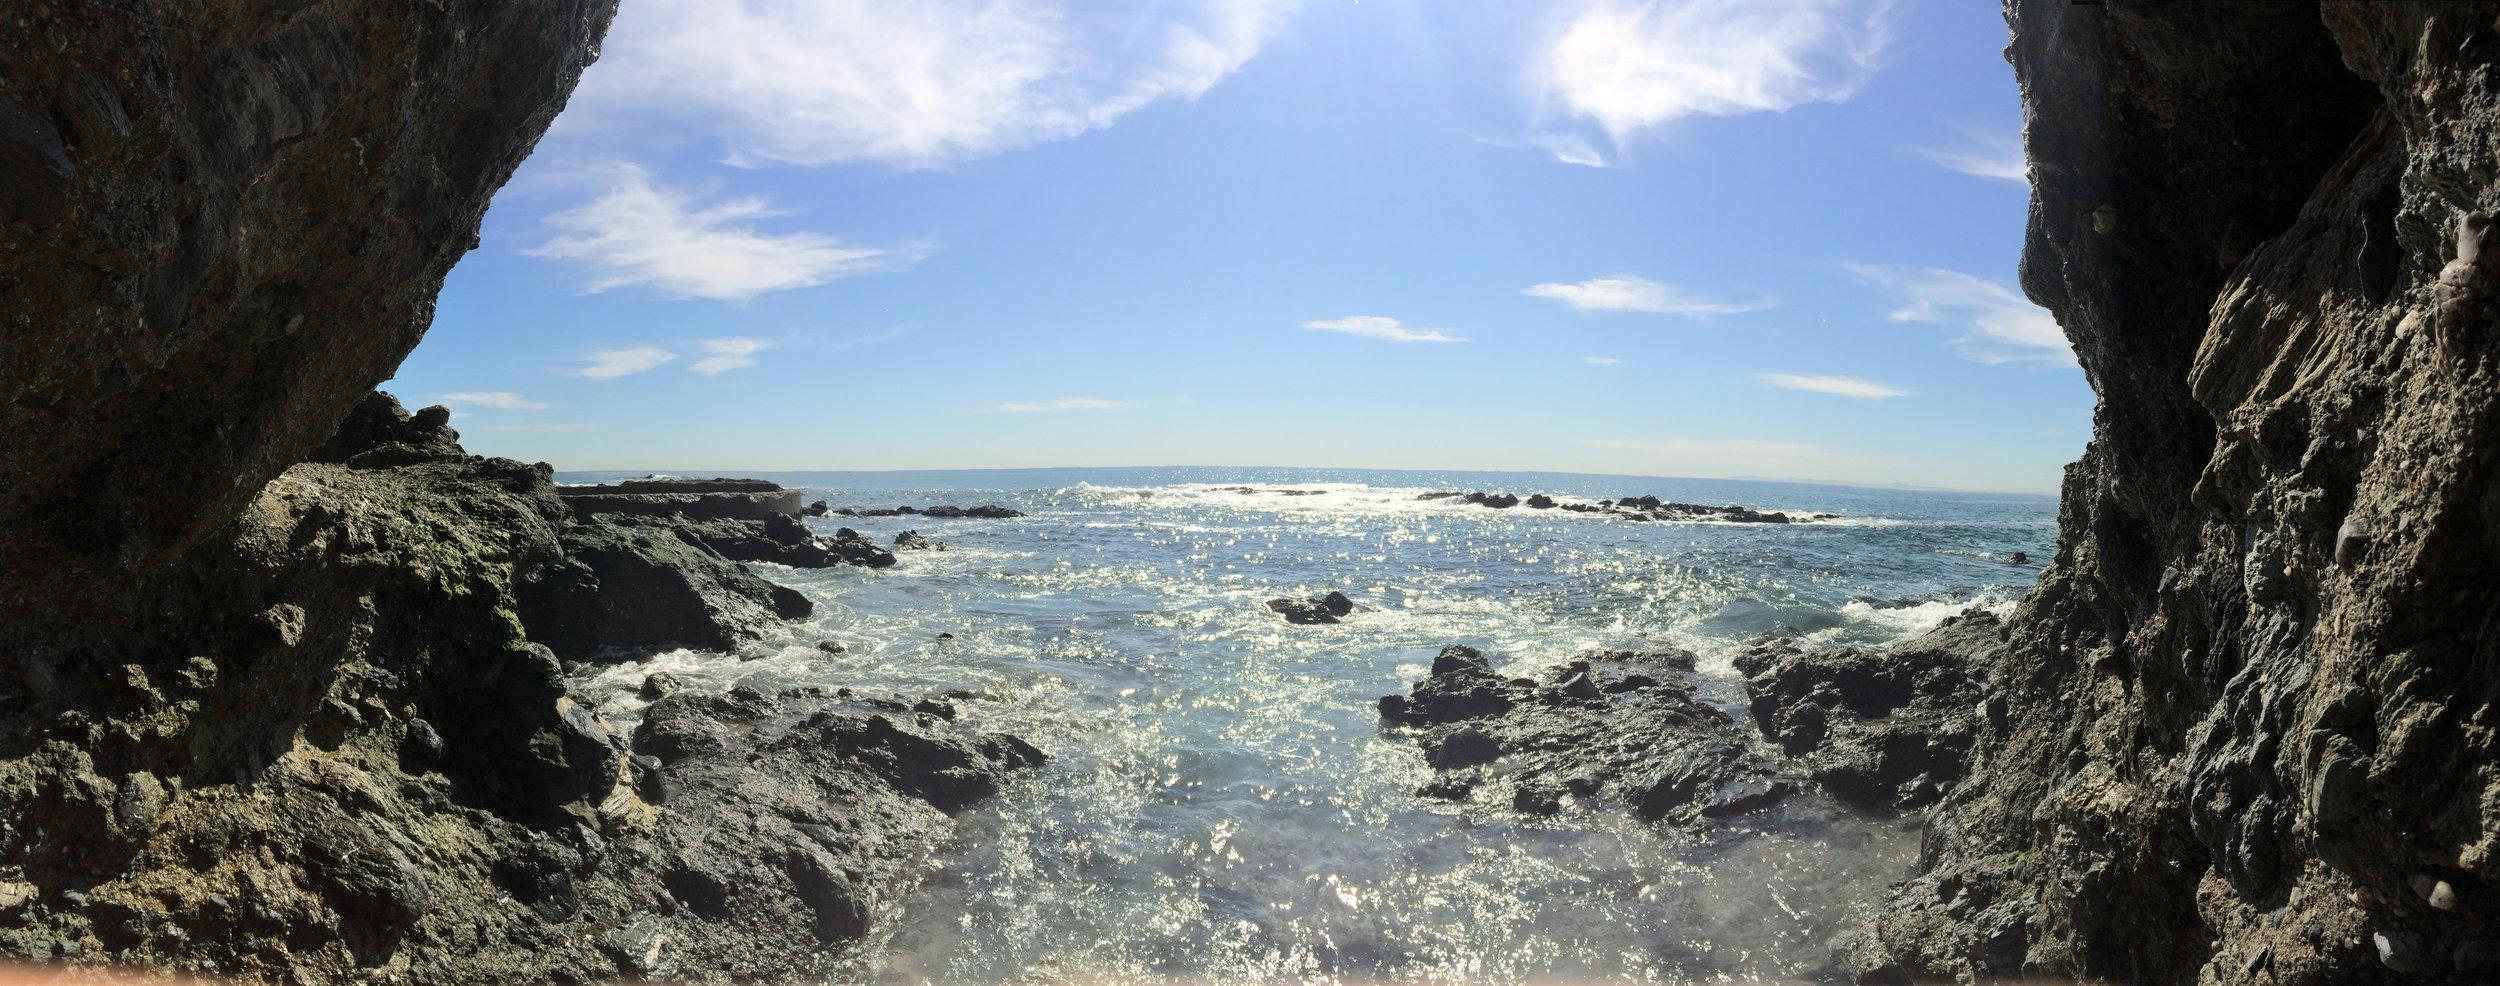 Pirate's Cove Laguna Beach